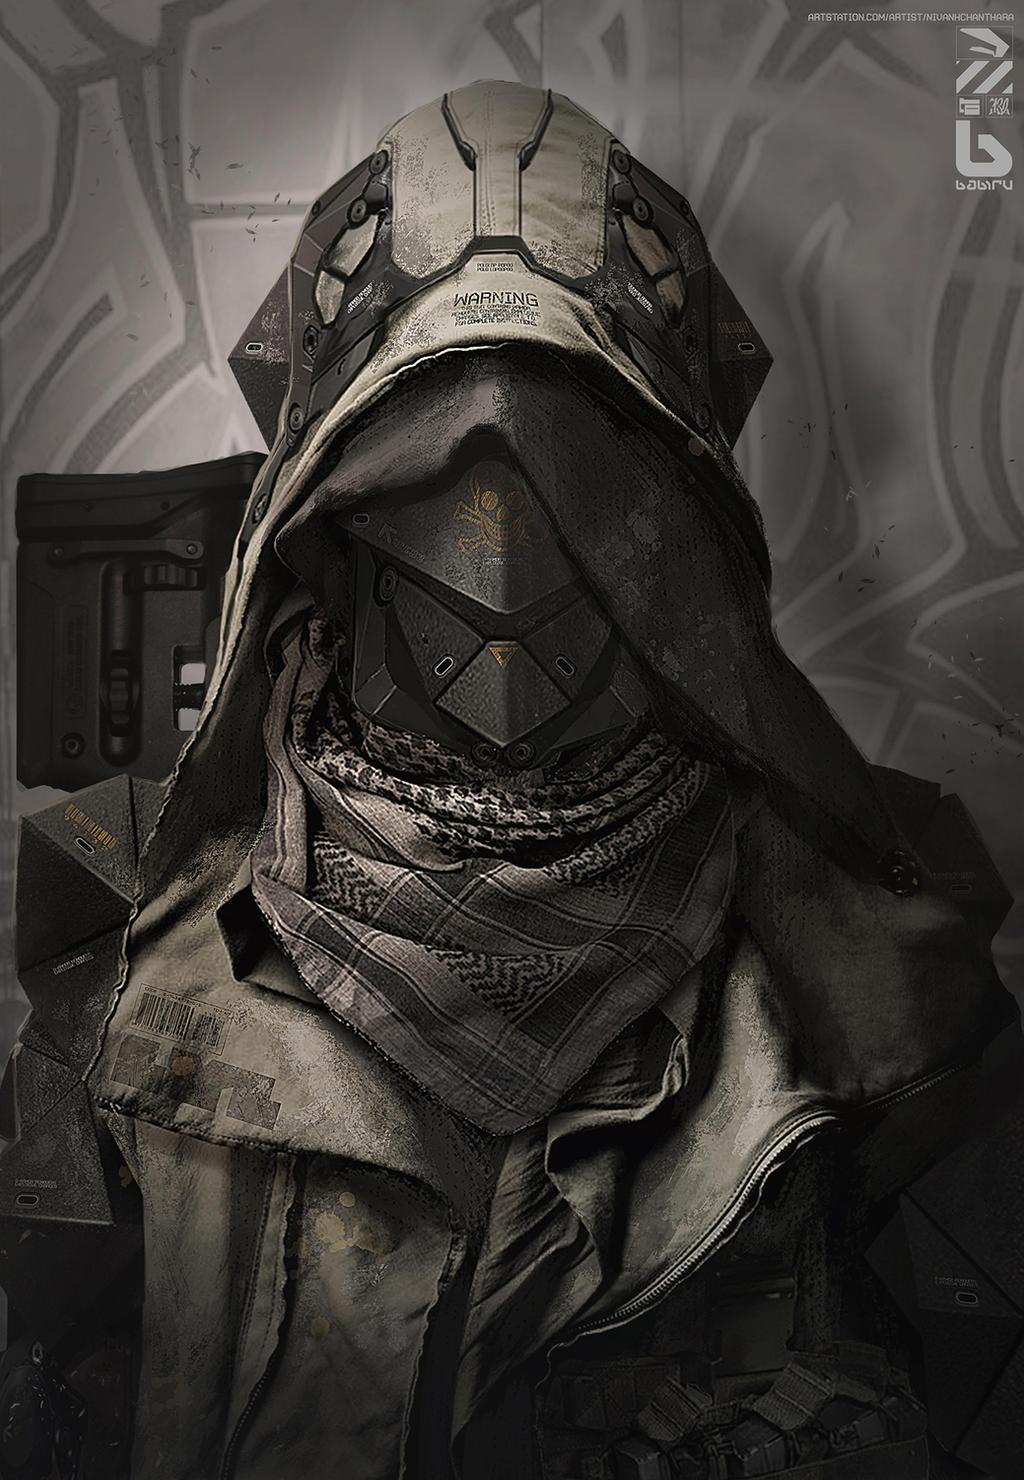 Soulblade [Applications Thread] - Page 4 Assassin__by_duster132_d8goeoy-fullview.jpg?token=eyJ0eXAiOiJKV1QiLCJhbGciOiJIUzI1NiJ9.eyJzdWIiOiJ1cm46YXBwOjdlMGQxODg5ODIyNjQzNzNhNWYwZDQxNWVhMGQyNmUwIiwiaXNzIjoidXJuOmFwcDo3ZTBkMTg4OTgyMjY0MzczYTVmMGQ0MTVlYTBkMjZlMCIsIm9iaiI6W1t7ImhlaWdodCI6Ijw9MTQ4MCIsInBhdGgiOiJcL2ZcL2Q3OGQ2ZmM5LTc1NmUtNGFjNy04MmNlLTI3YTIxYzYxNjc0ZFwvZDhnb2VveS1kMWIyN2JlZS1kMzkzLTRhY2ItYmEzMS05MTI5ZWU4ZmY3MmUuanBnIiwid2lkdGgiOiI8PTEwMjQifV1dLCJhdWQiOlsidXJuOnNlcnZpY2U6aW1hZ2Uub3BlcmF0aW9ucyJdfQ